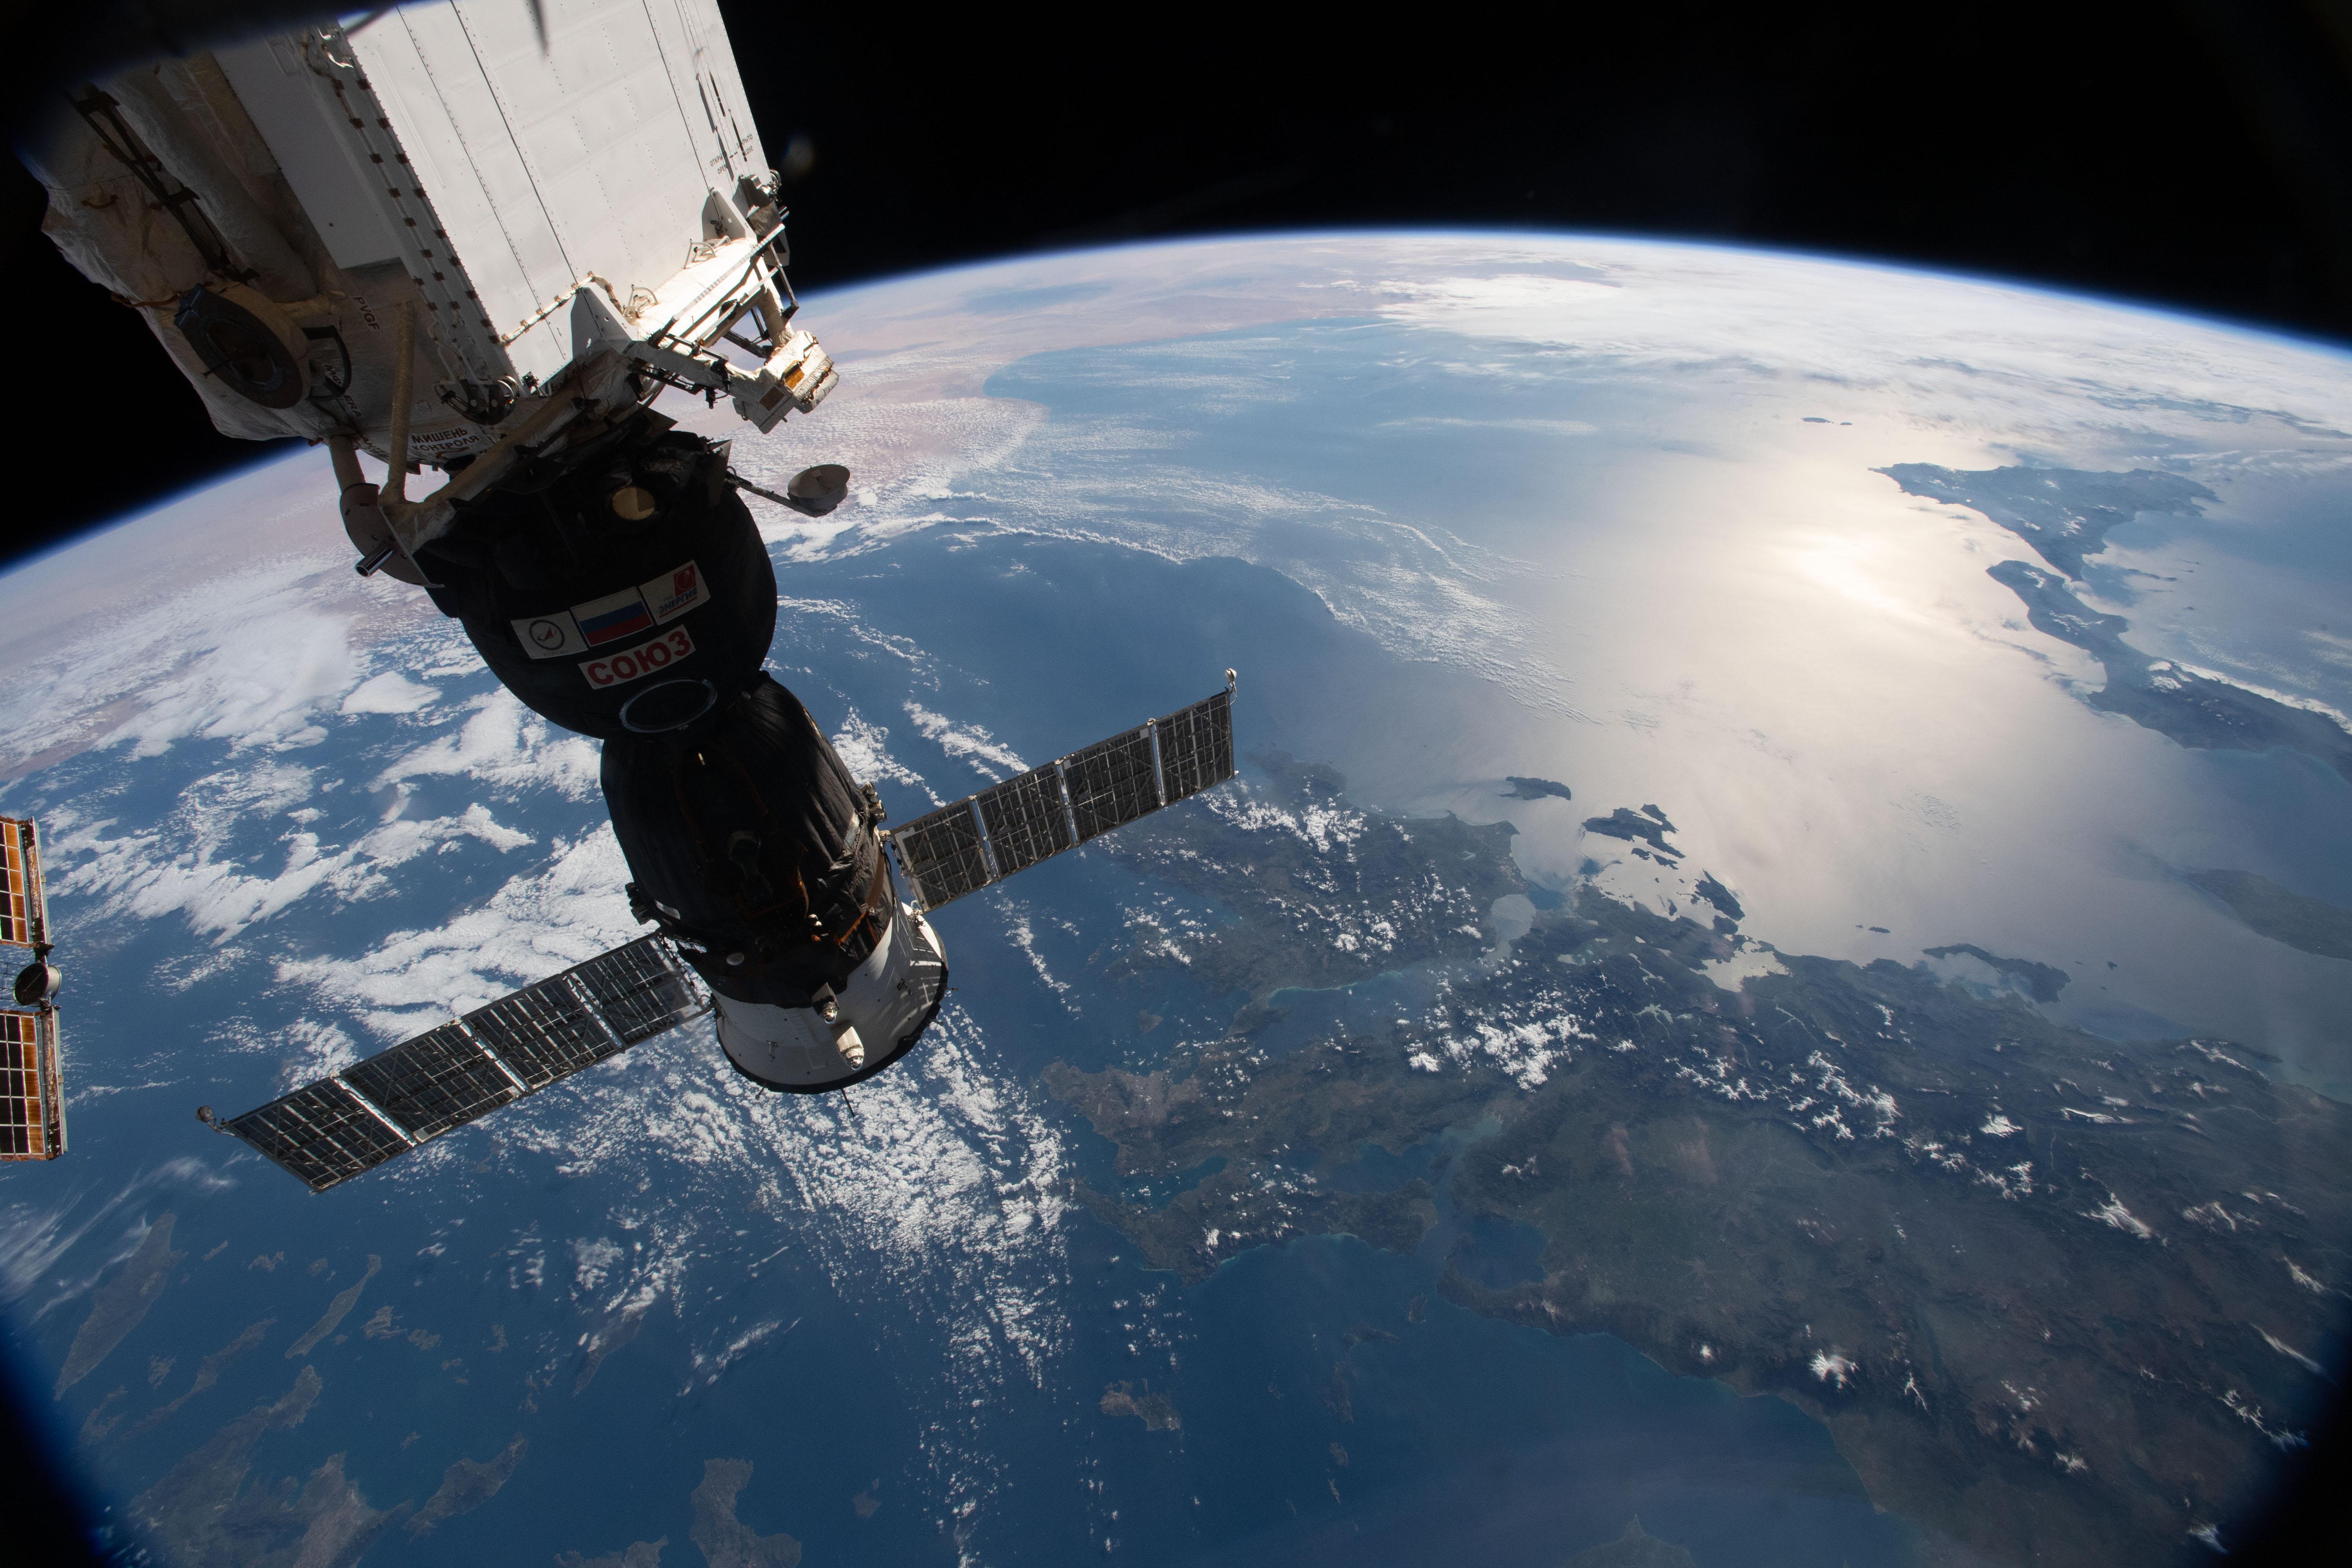 NASA Astronaut Captures Spectacular View of London at